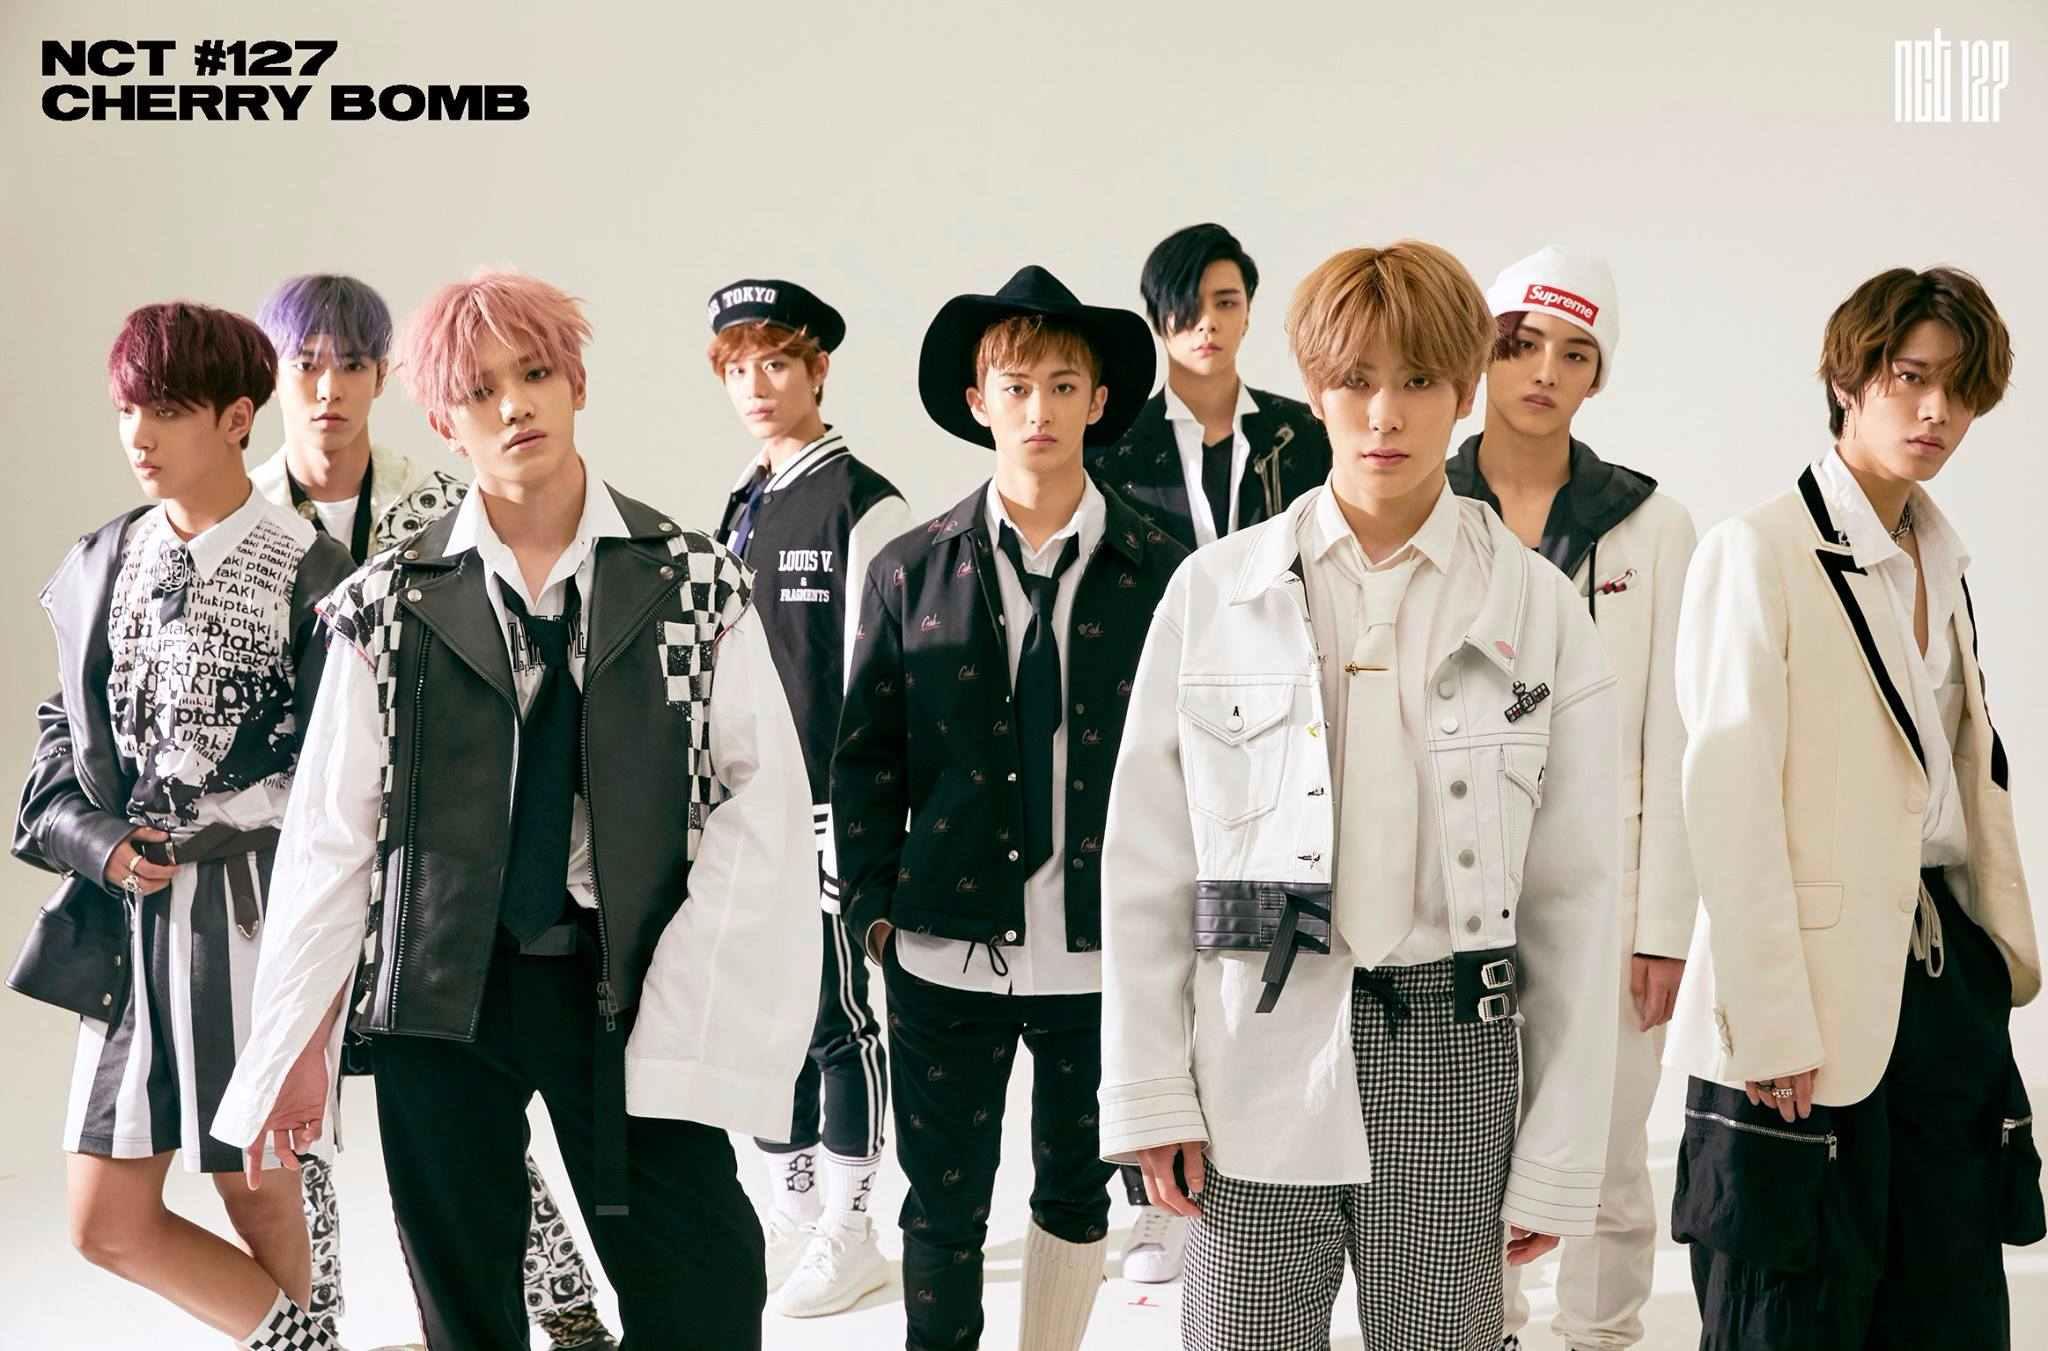 但不管SM給他們多麼不大眾性的歌曲,或是造型師每次都給他們穿多麼奇怪的衣服,NCT的成員總是盡力將歌曲、舞蹈都表現到最好,近日NCT127的成員在節目上就表示,為了準備新曲《Cherry bomb》的回歸,他們每天都練習12個小時以上! 真的能感受到他們像做到最好的心啊~